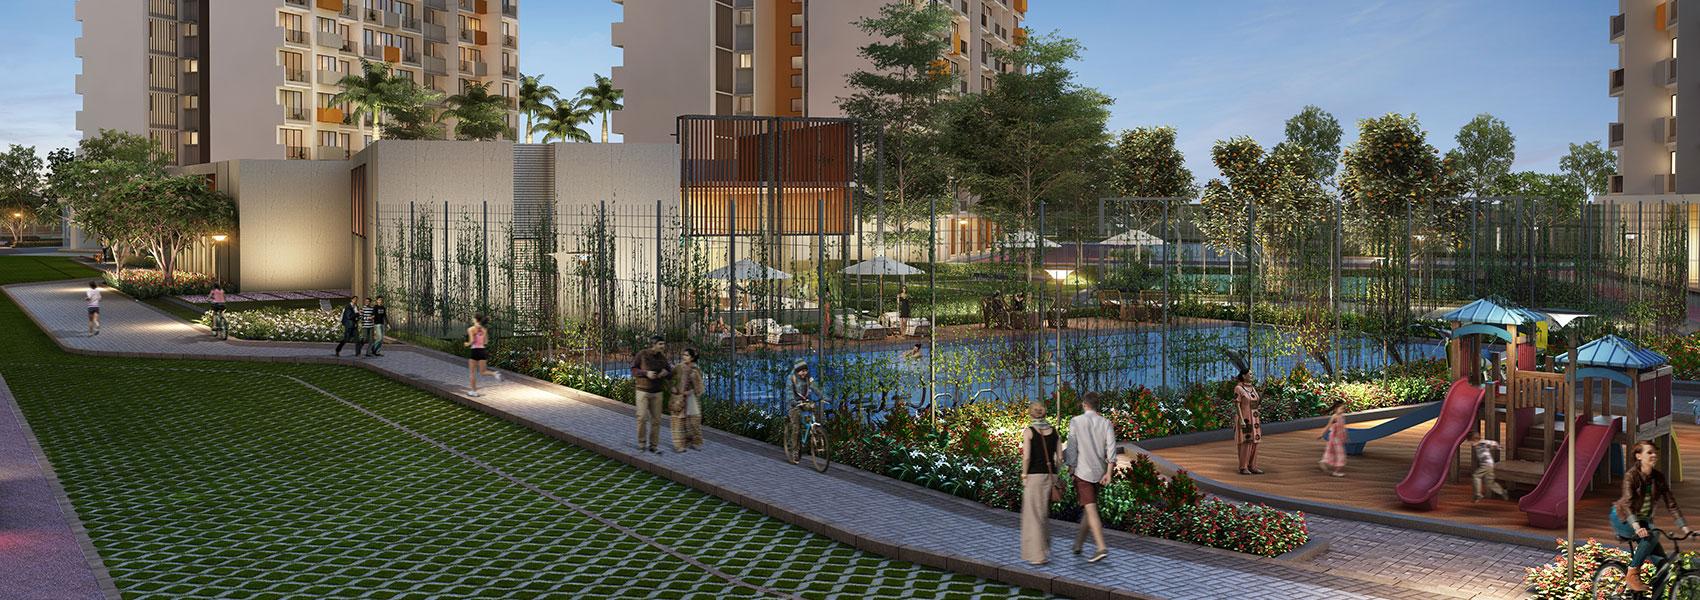 shapoorji pallonji joyville amenities features2